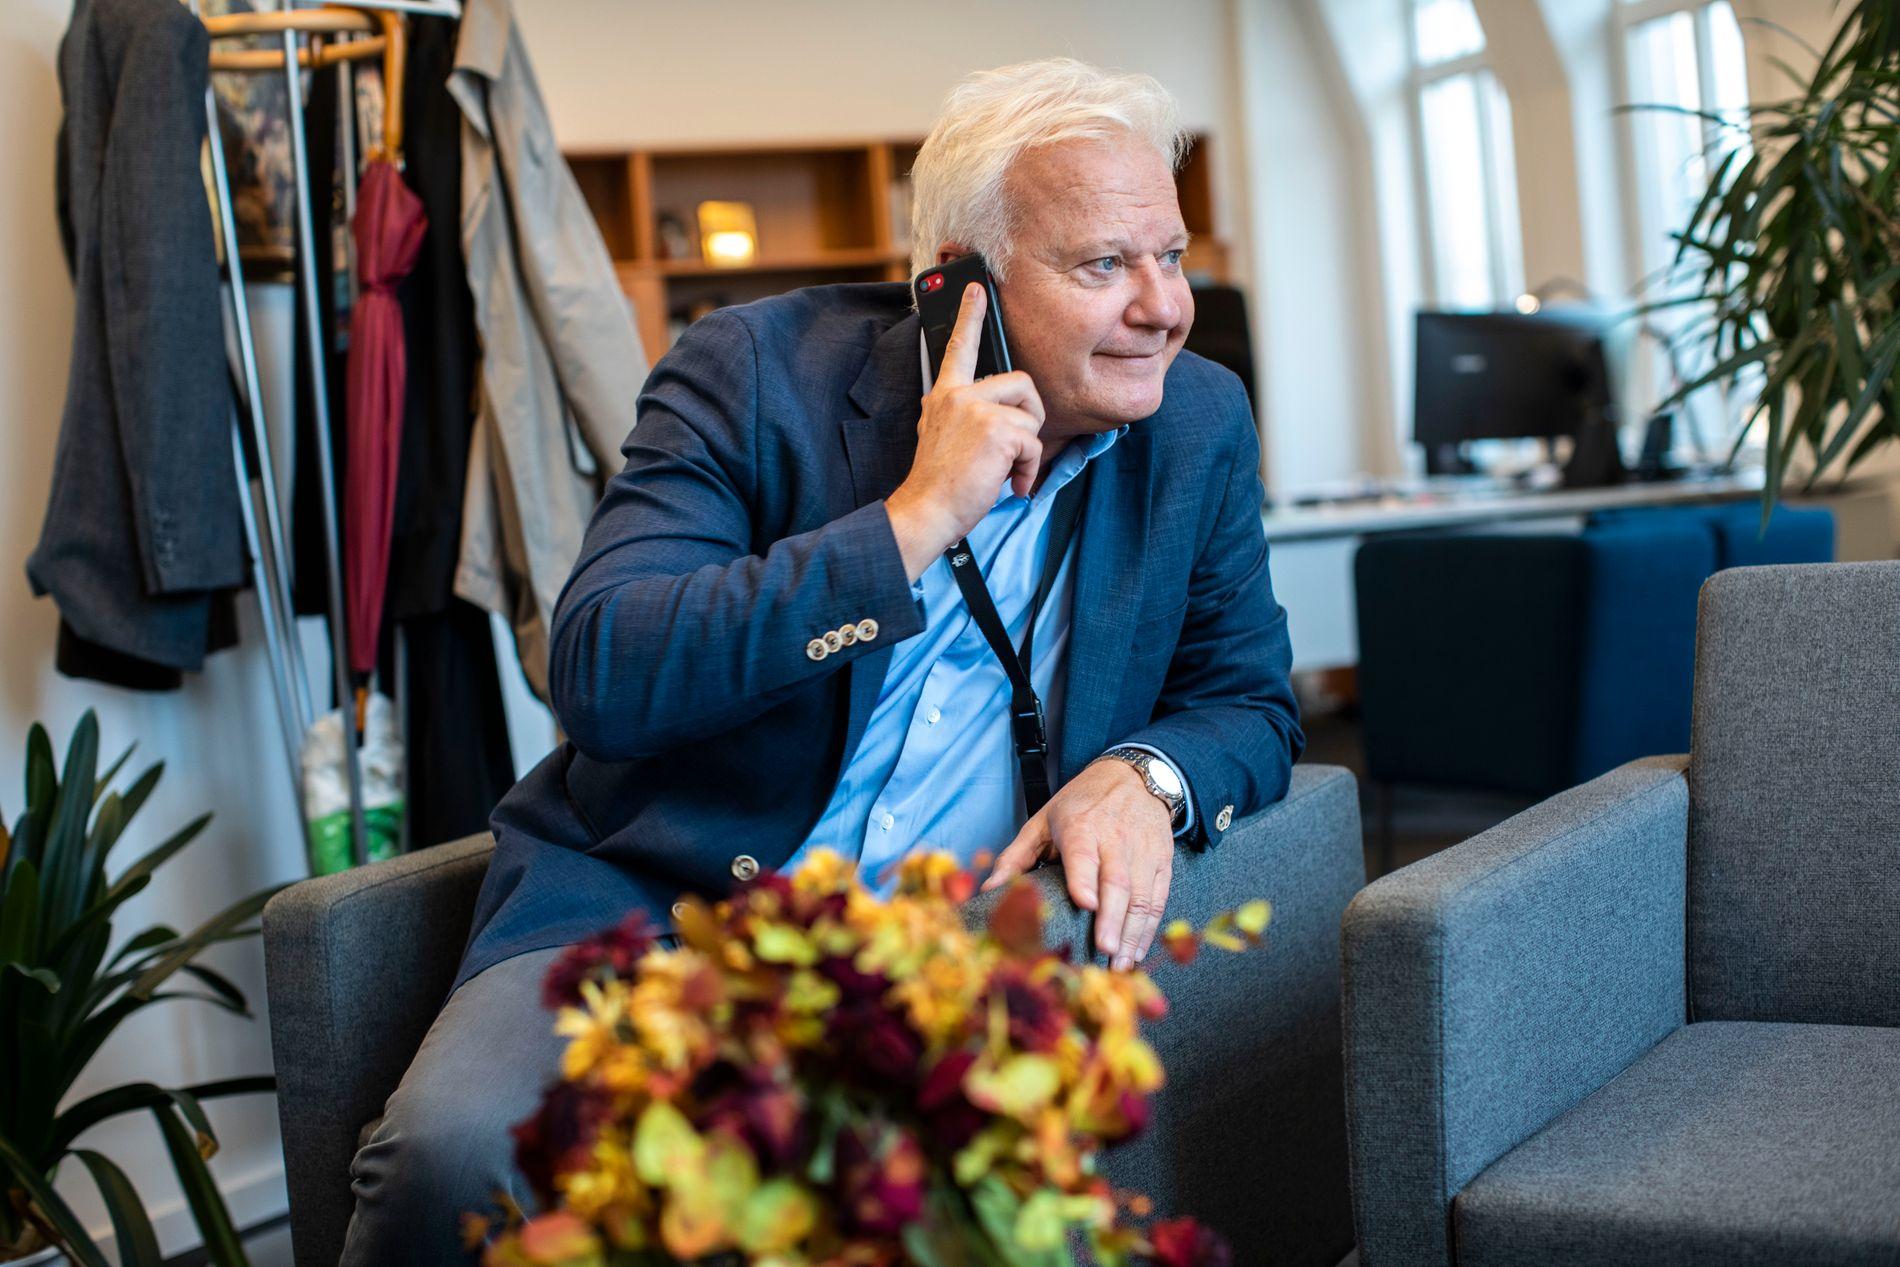 NY RIKSADVOKAT: Jørn Sigurd Maurud, her på kontoret sitt hos Oslo statsadvokatembeter fredag morgen. Først mandag er han på plass hos Riksadvokatembetet.